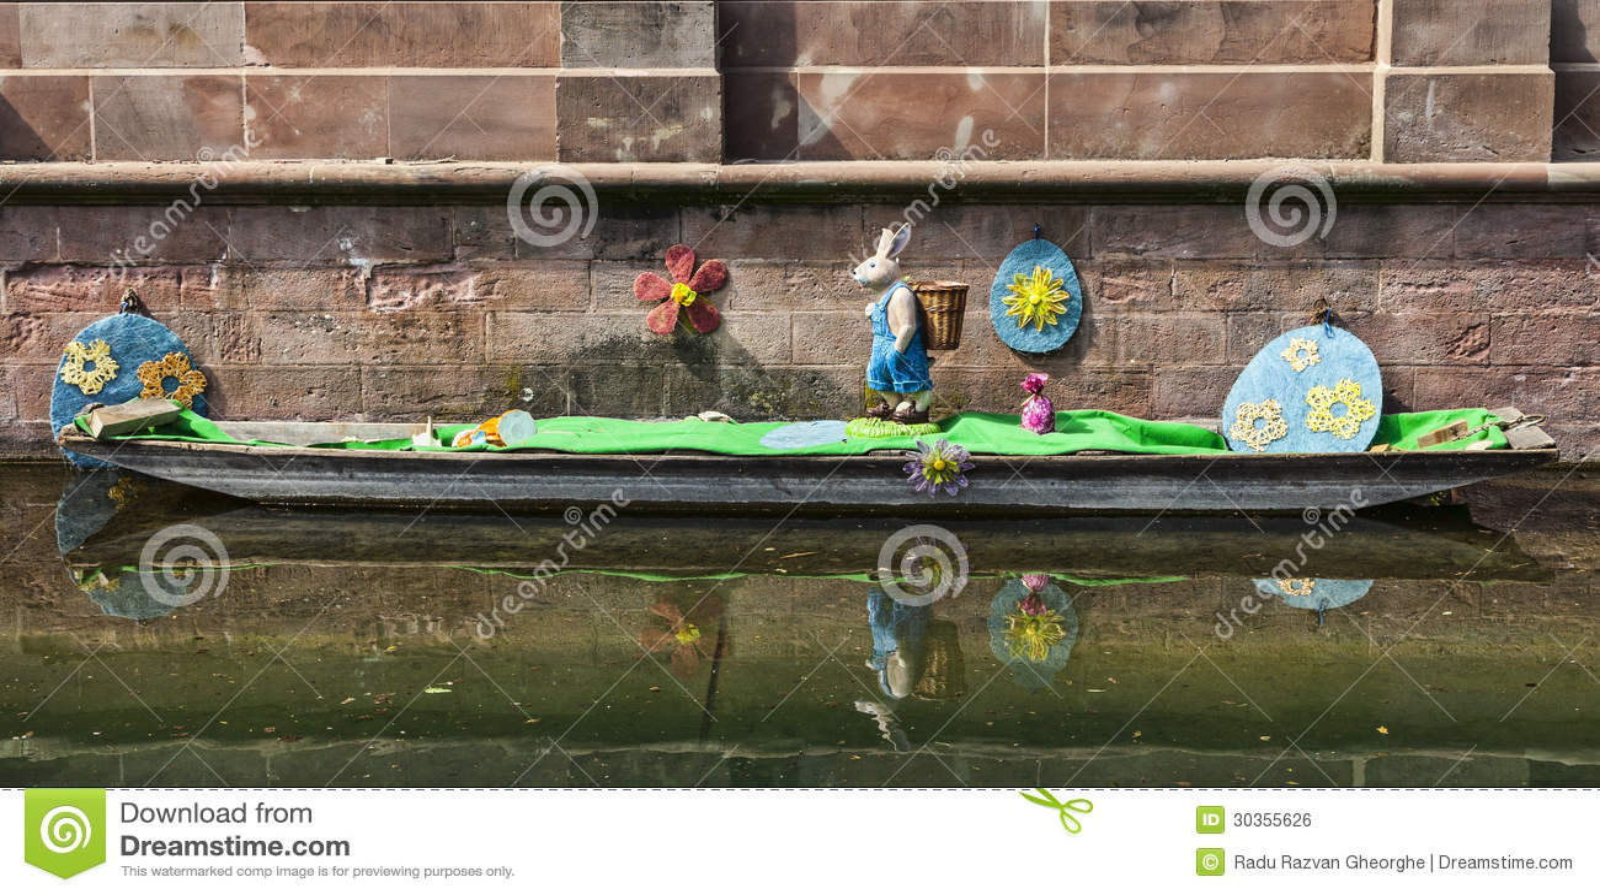 Ostern Dekoration Auf Einem Kanal In Colmar Redaktionelles: dekoration frankreich